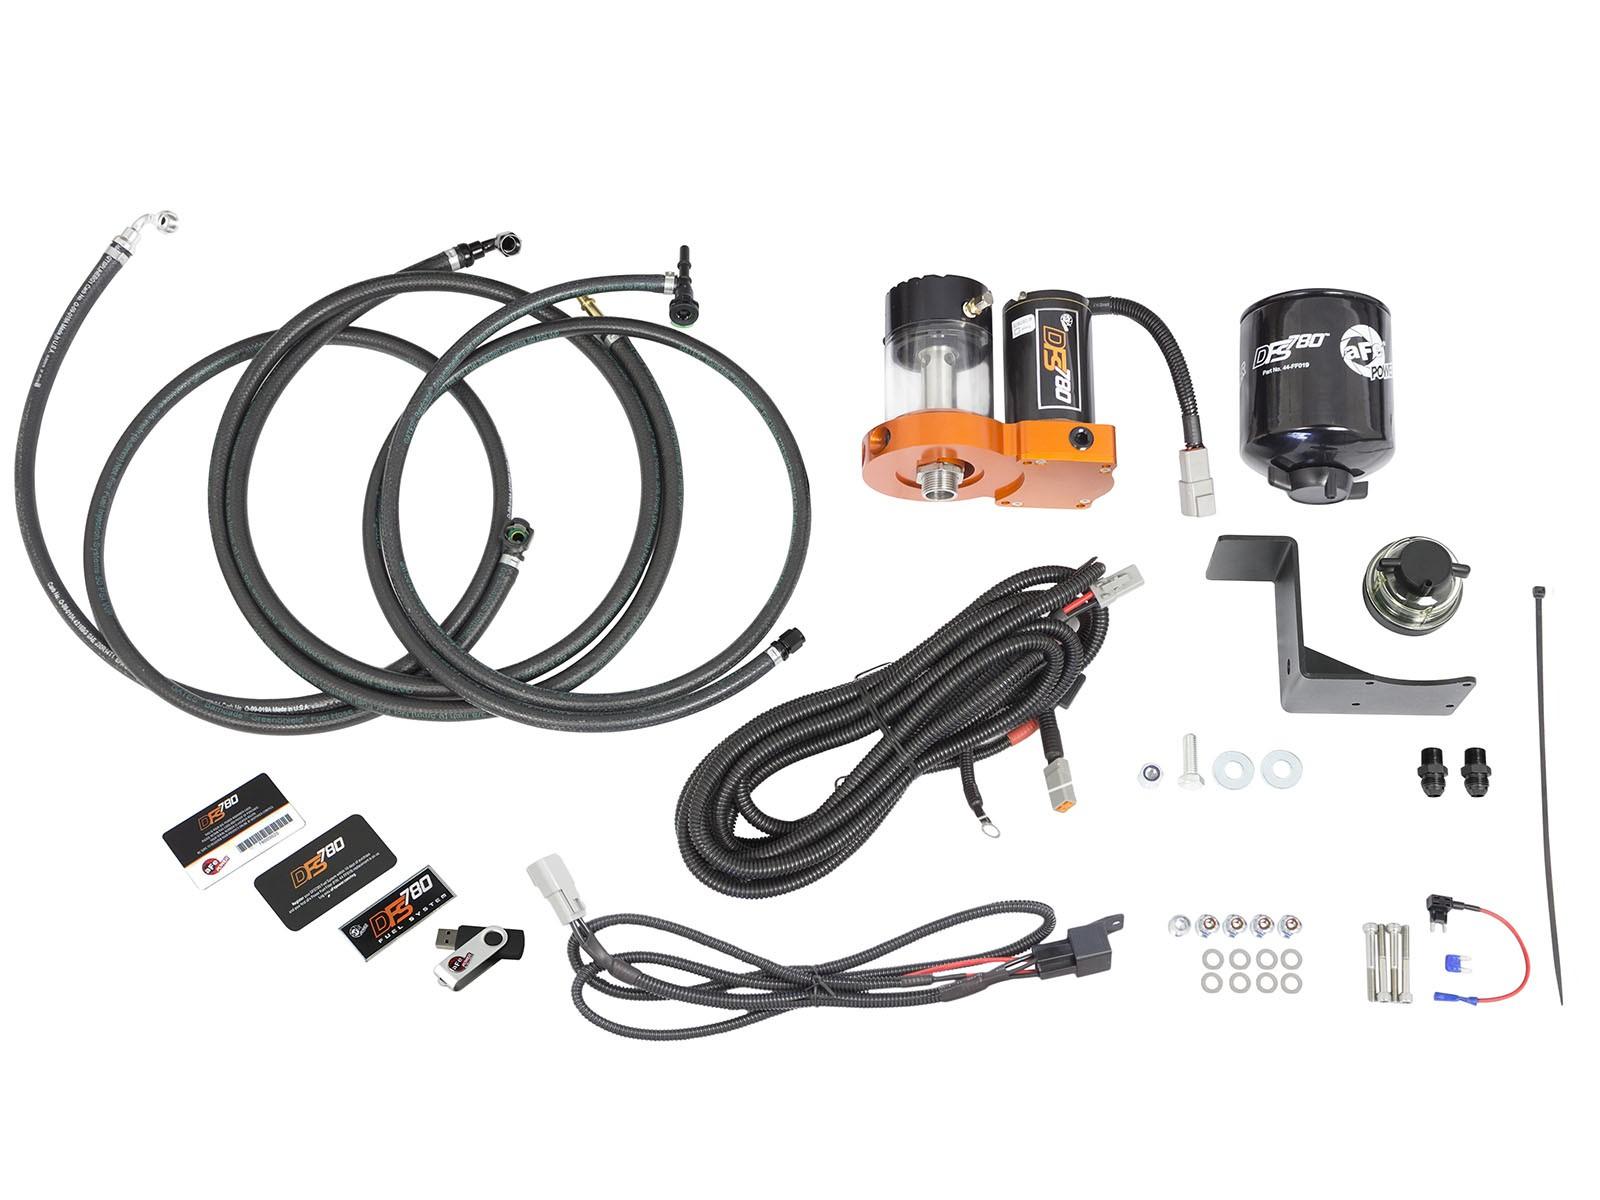 Dfs780 Fuel Pump